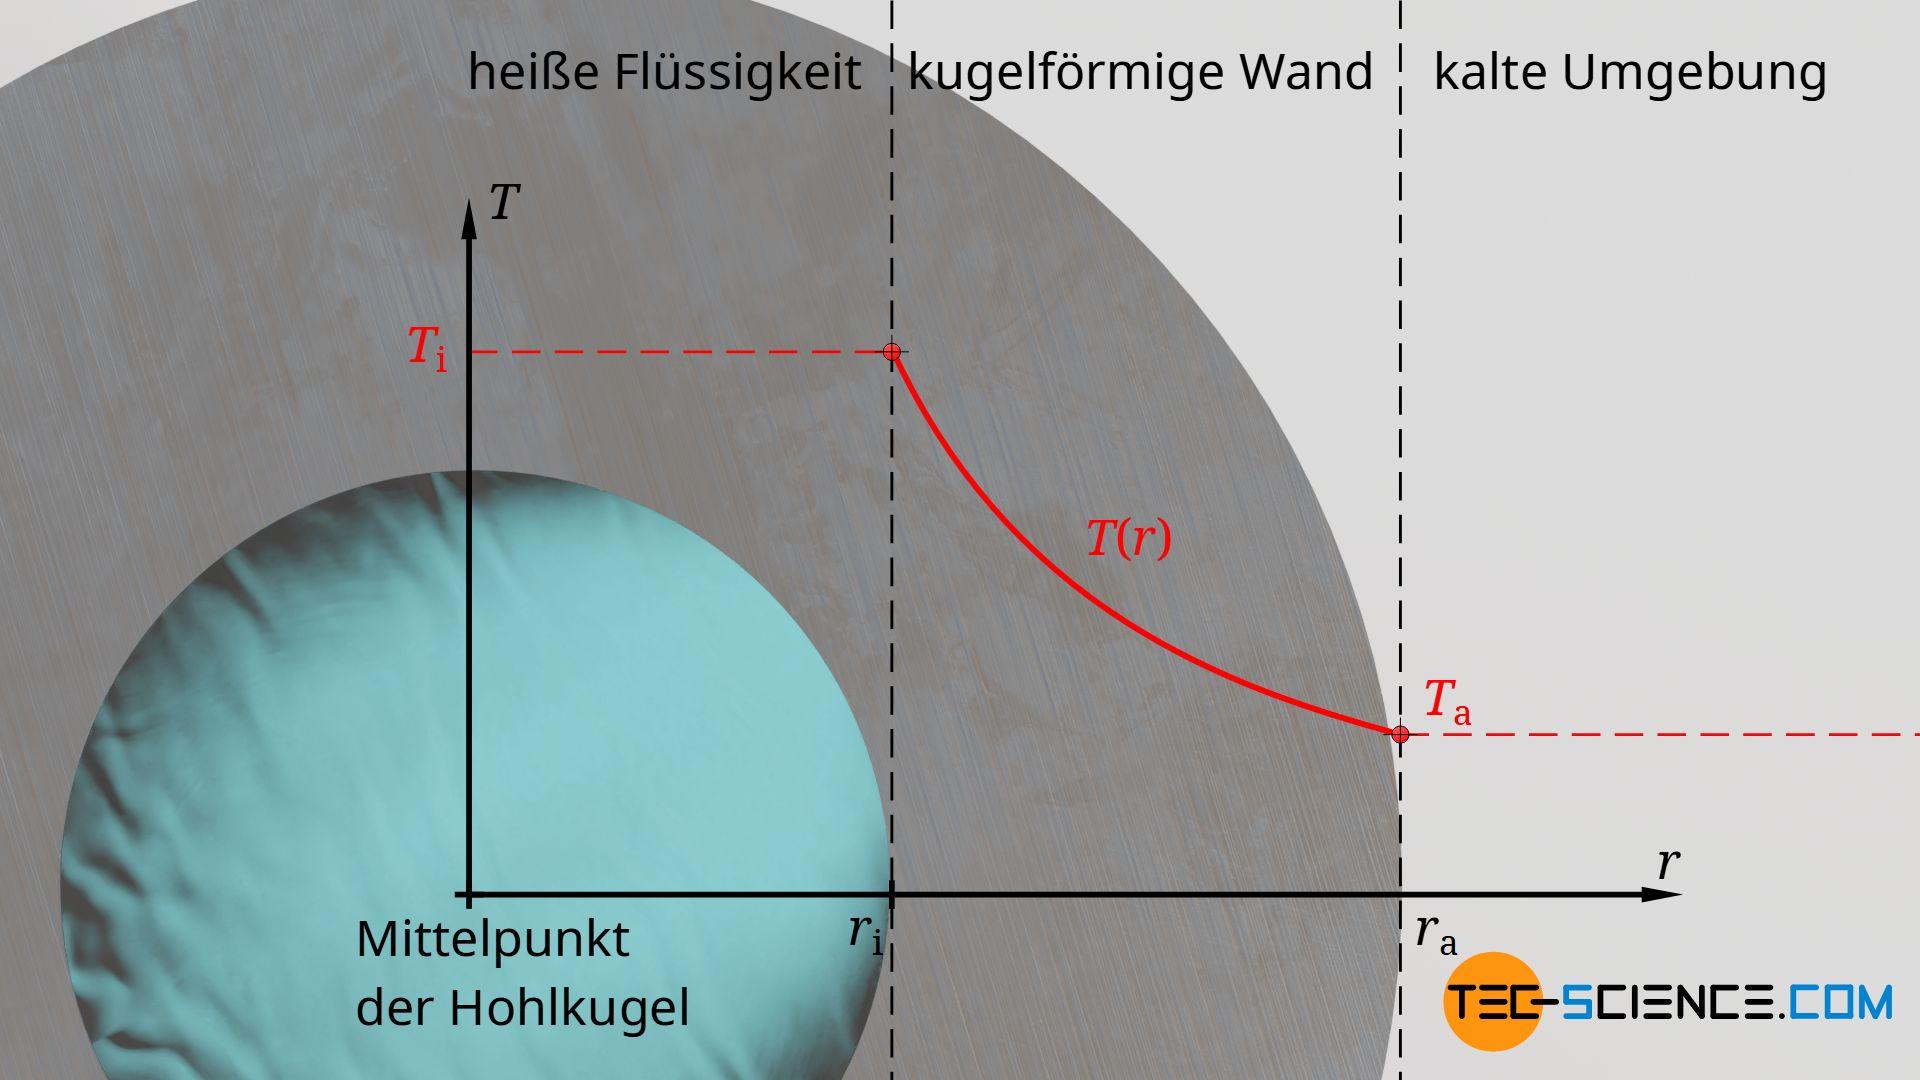 Verlauf der Temperatur durch die Wand einer Hohlkugel